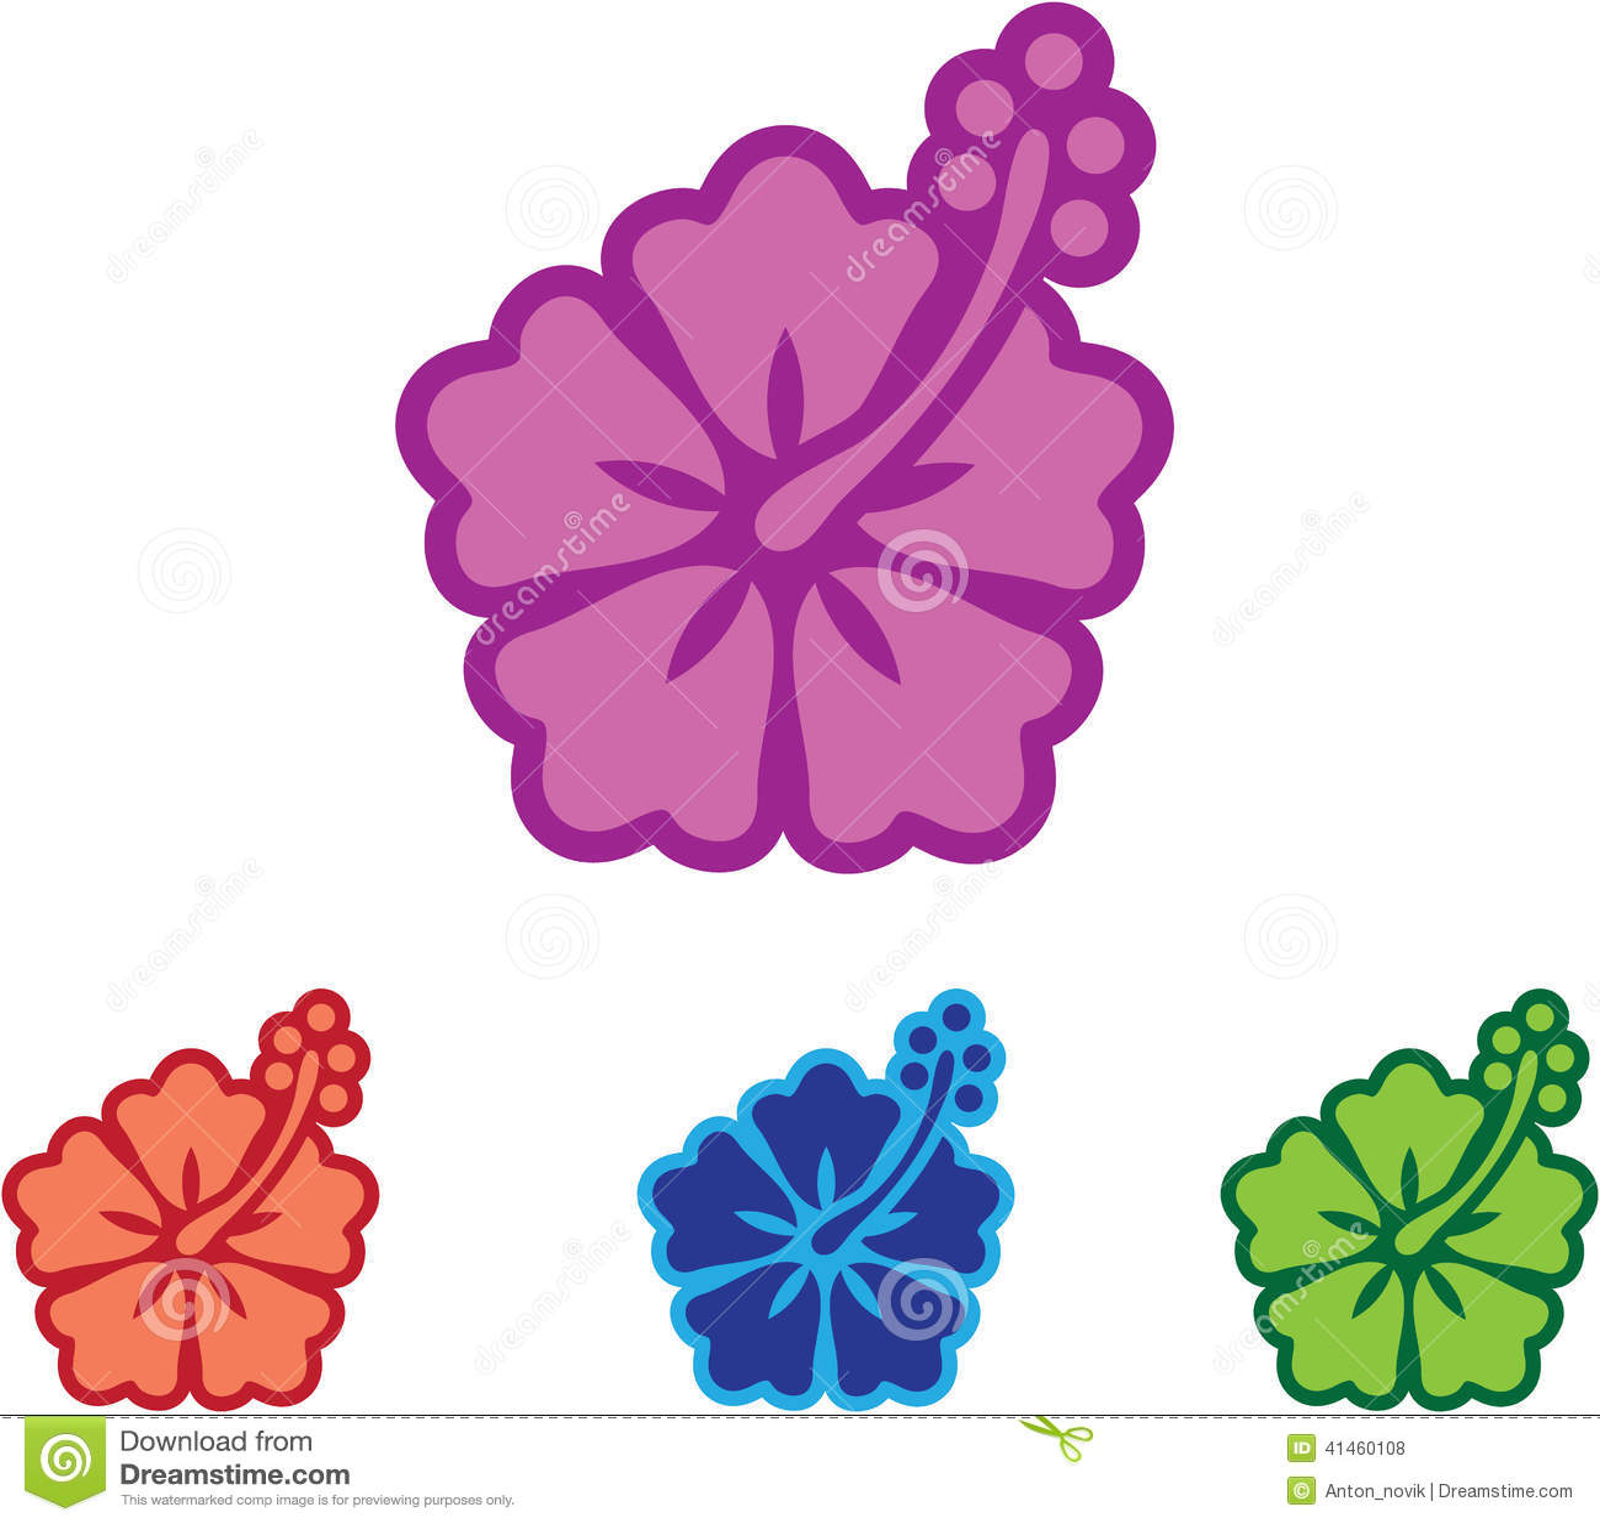 Hawaii flower stock vector illustration of pistil floral 41460108 hawaii flower izmirmasajfo